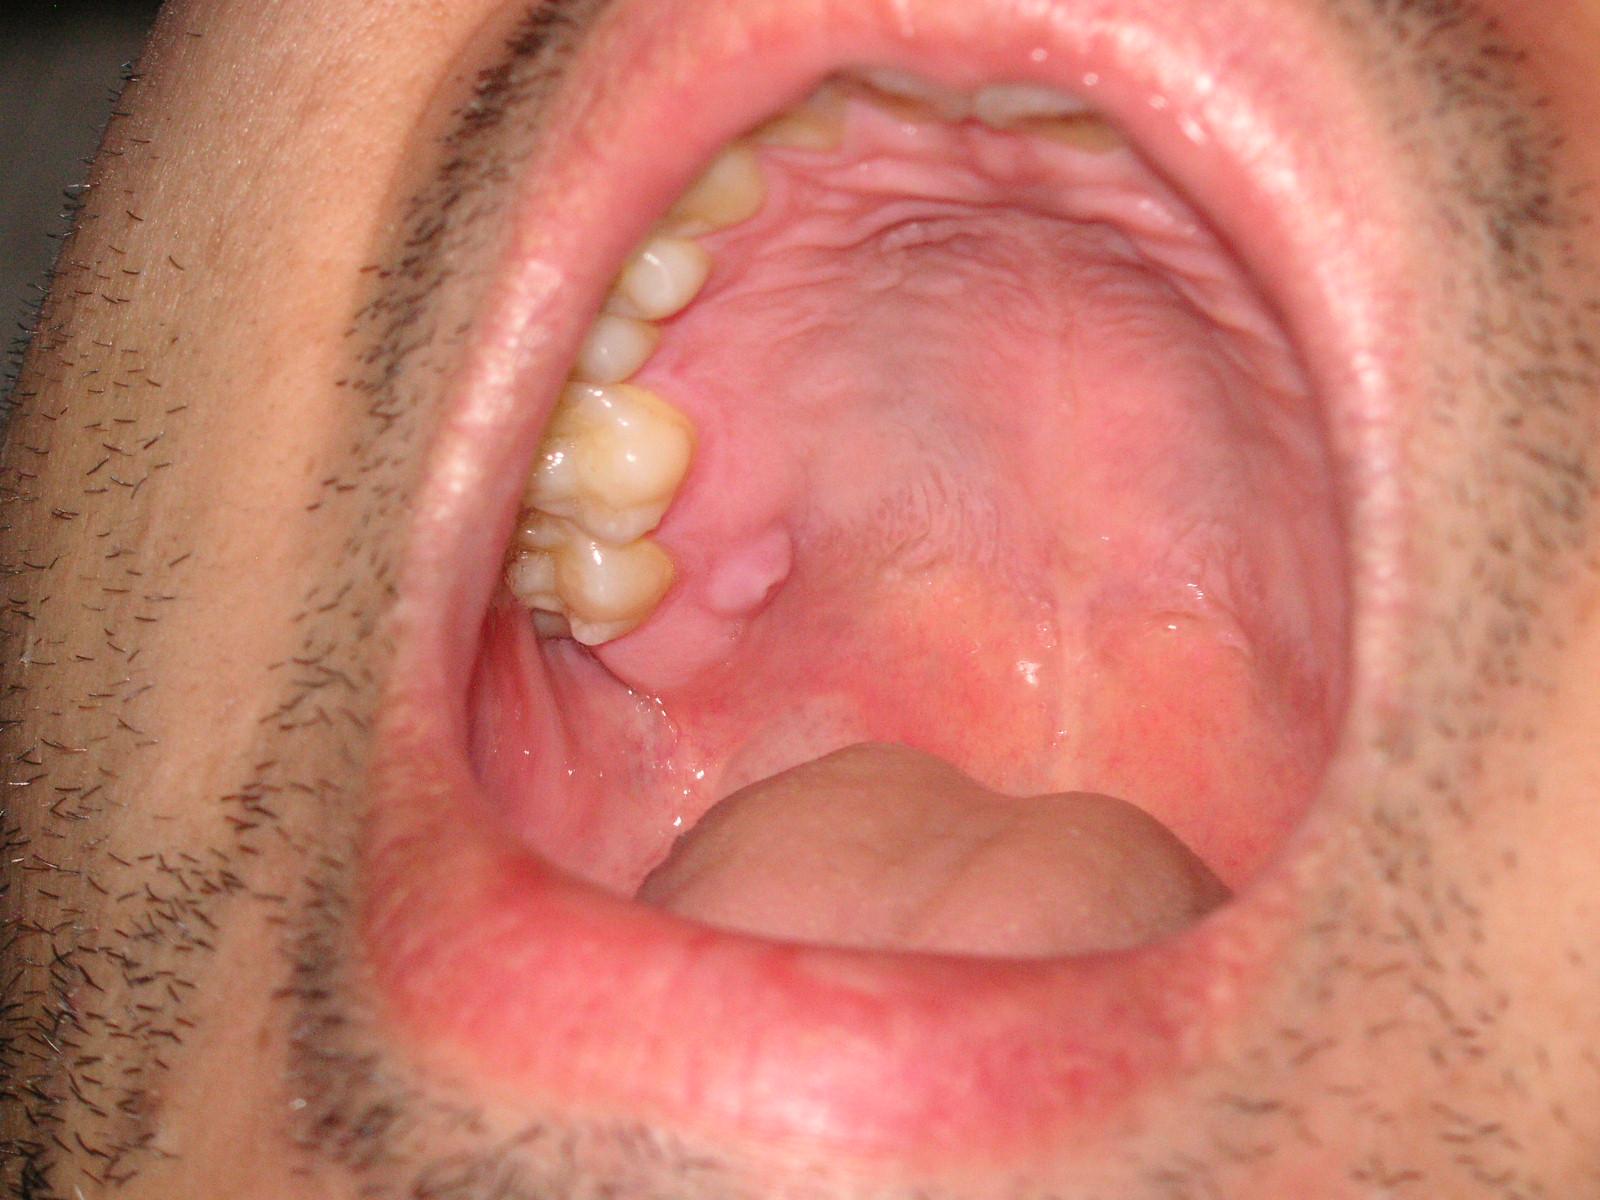 もの でき うわ あご こんな症状が実は病気のサイン?:口腔内の異変と早期発見・治療の重要性|口腔がん検診・舌がん検診予約を歯科医院で